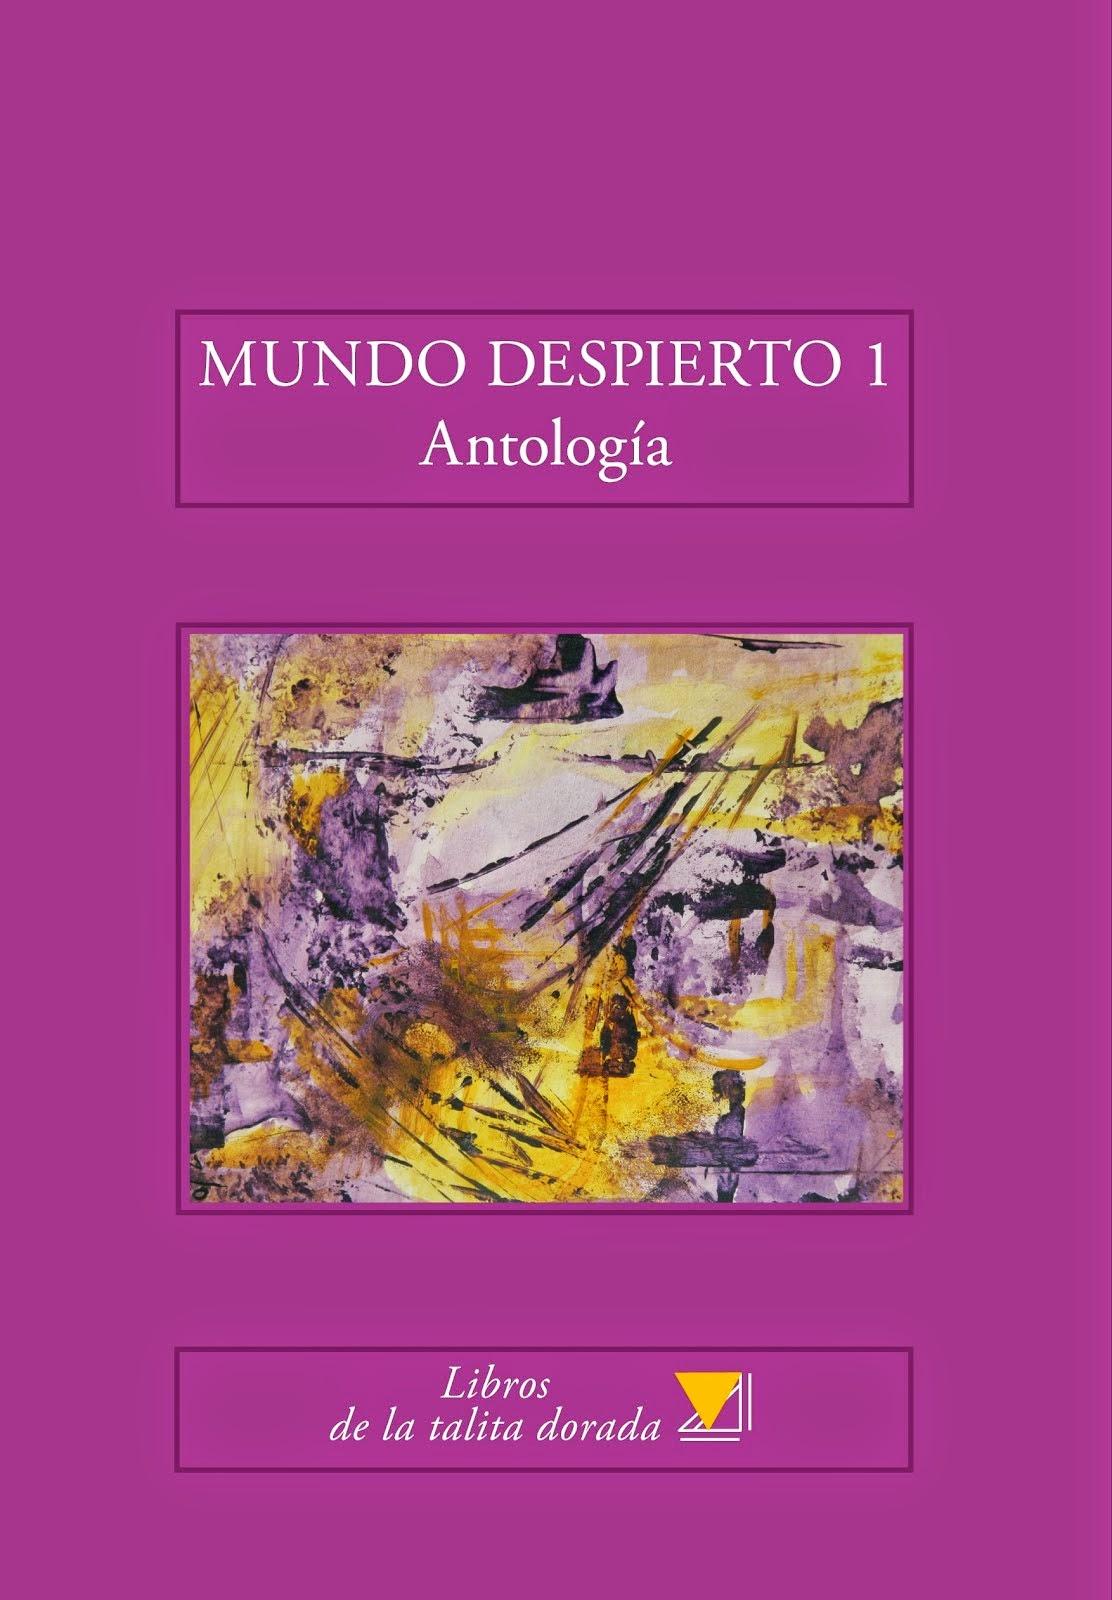 MUNDO DESPIERTO 1, Antología de taller, 2014